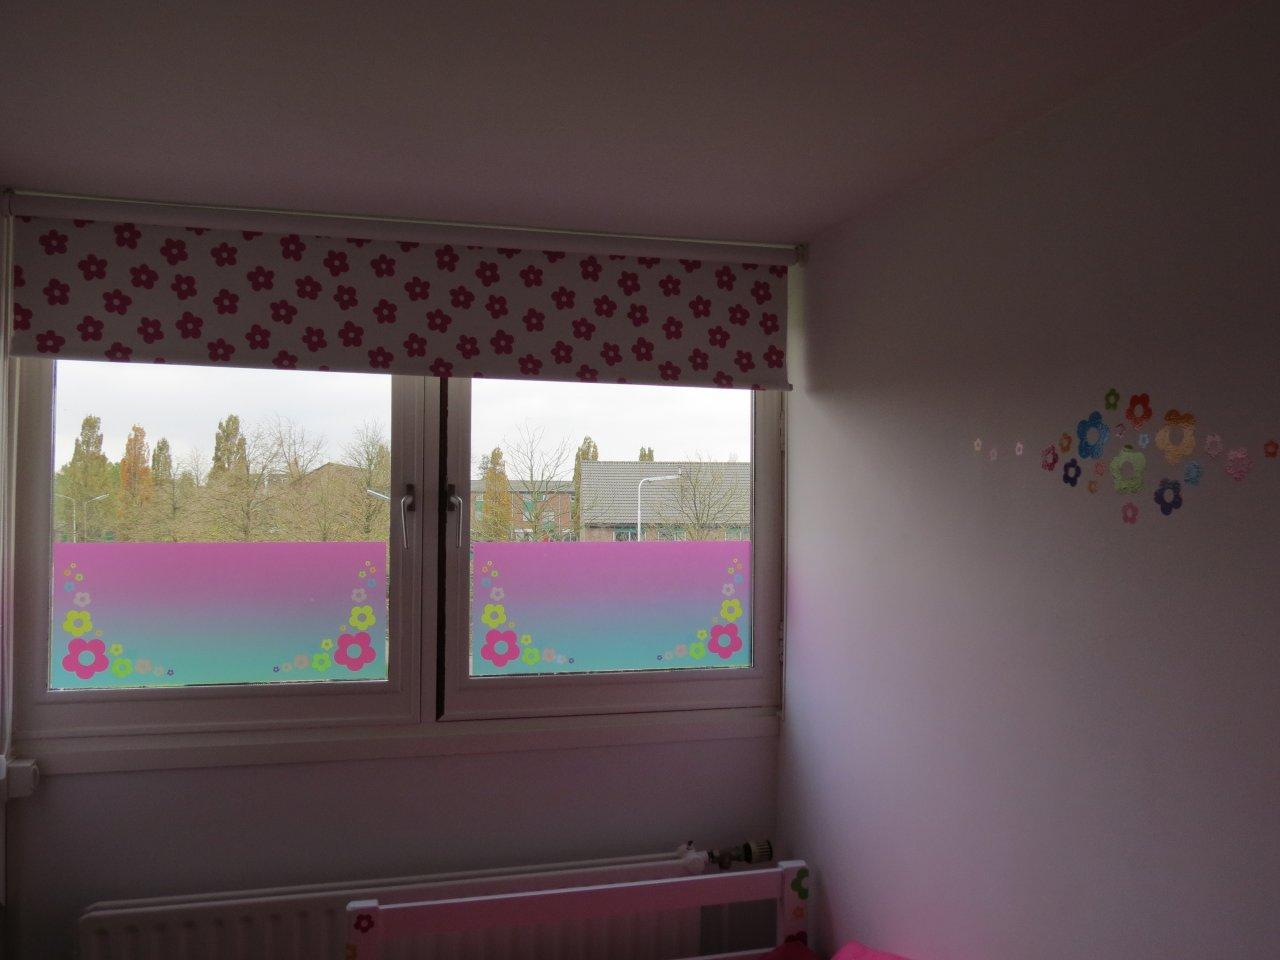 Voorbeeld Slaapkamers Kinder : ... tot raamfolie in de slaapkamer ...